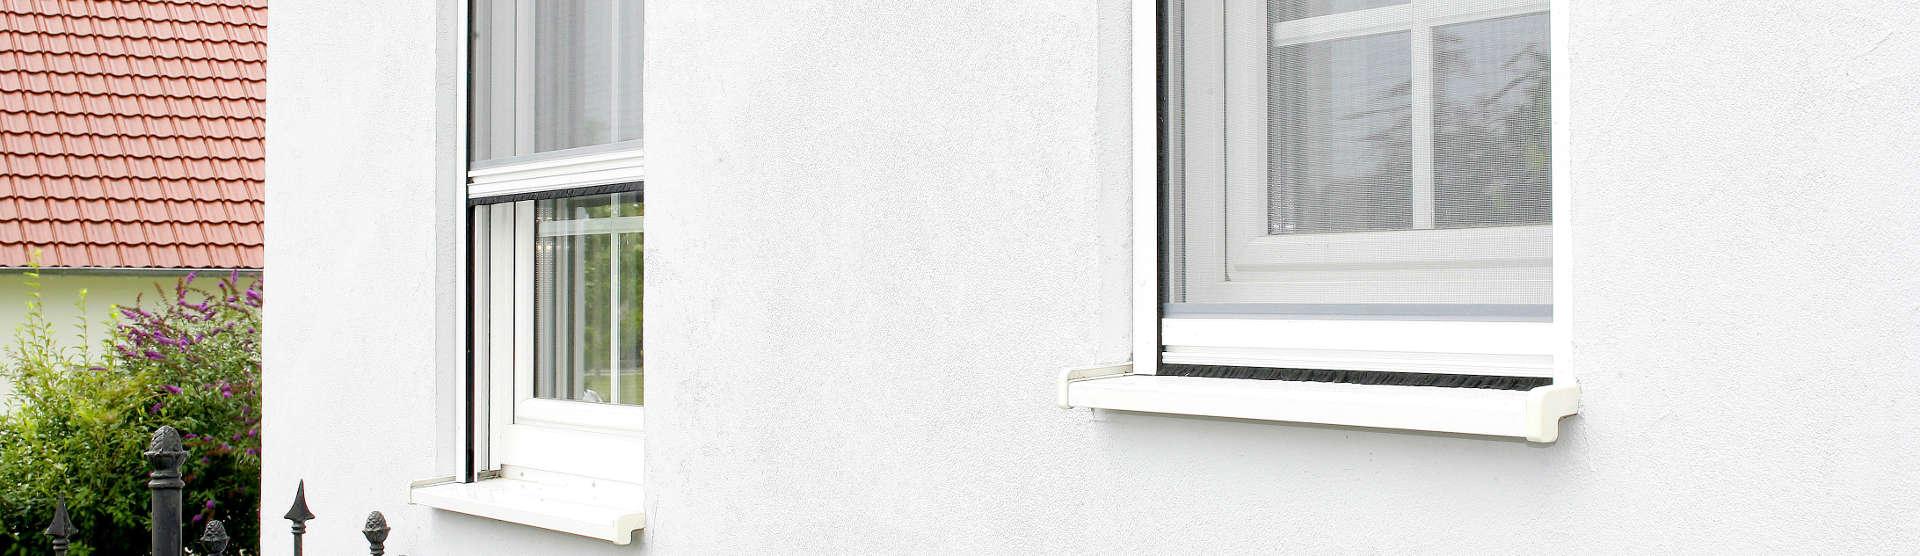 Insektenschutz für Fenster_3